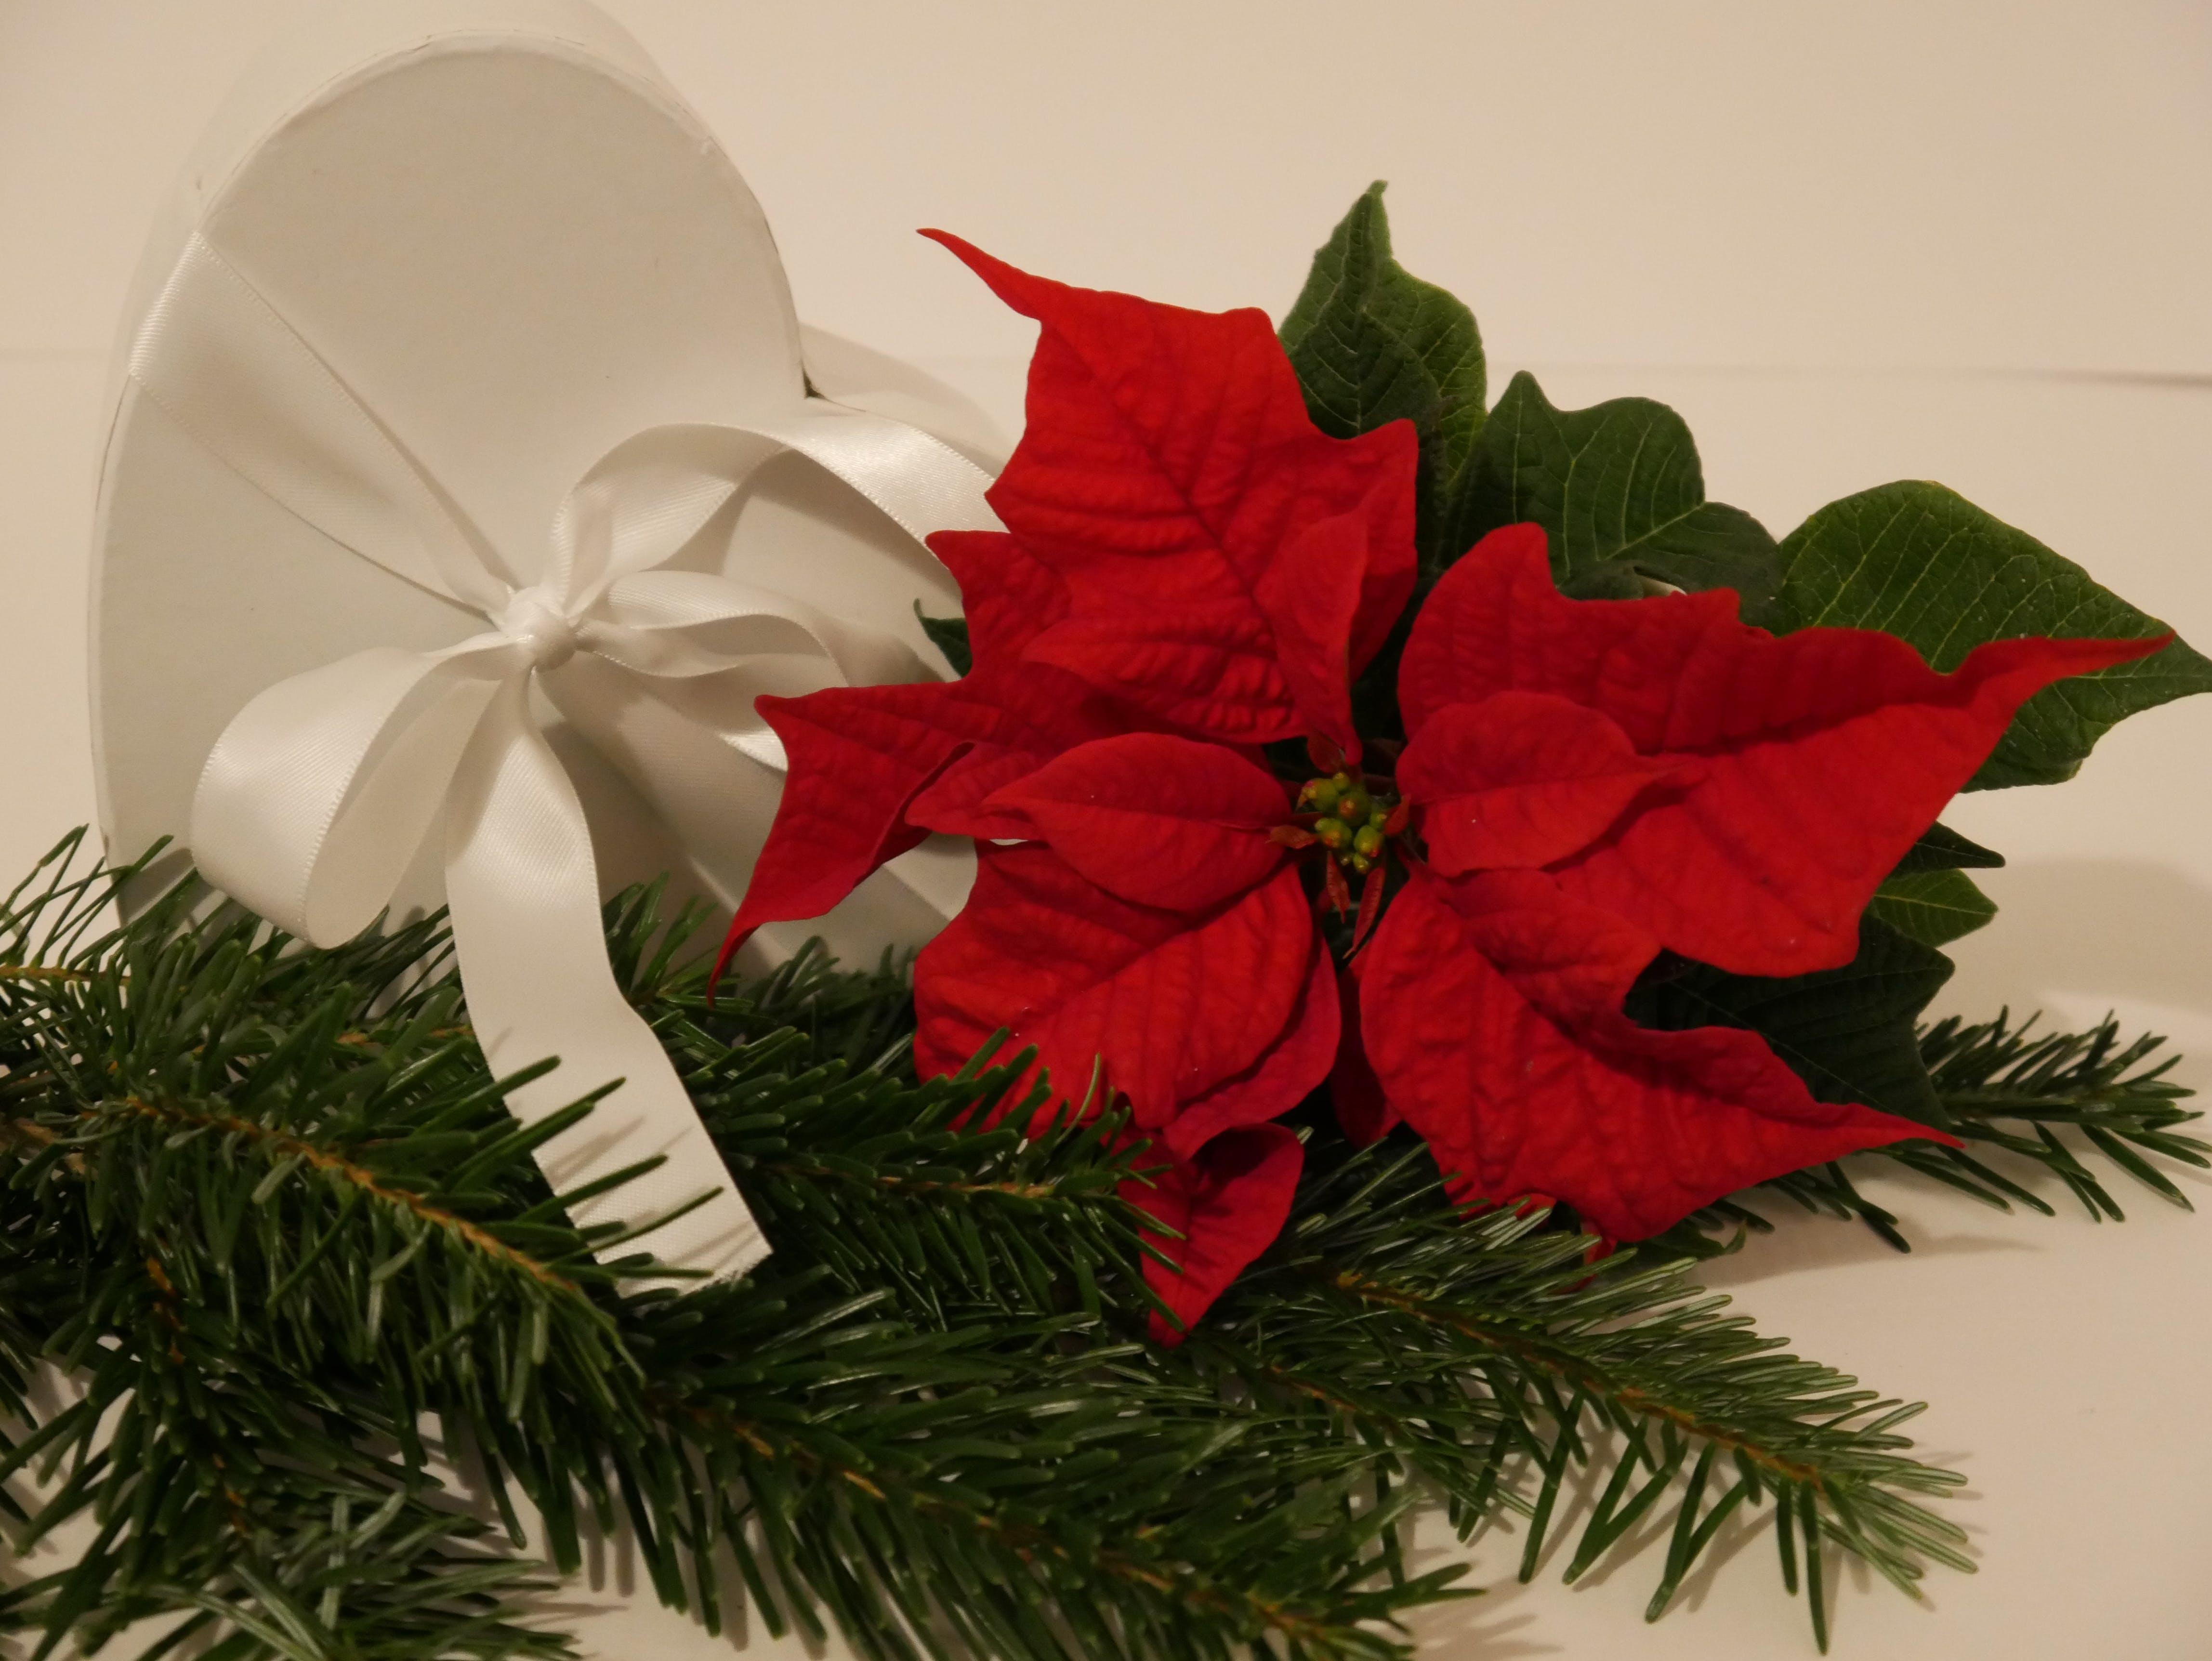 Kostenloses Stock Foto zu weihnachtsgeschenk, weihnachtsstern